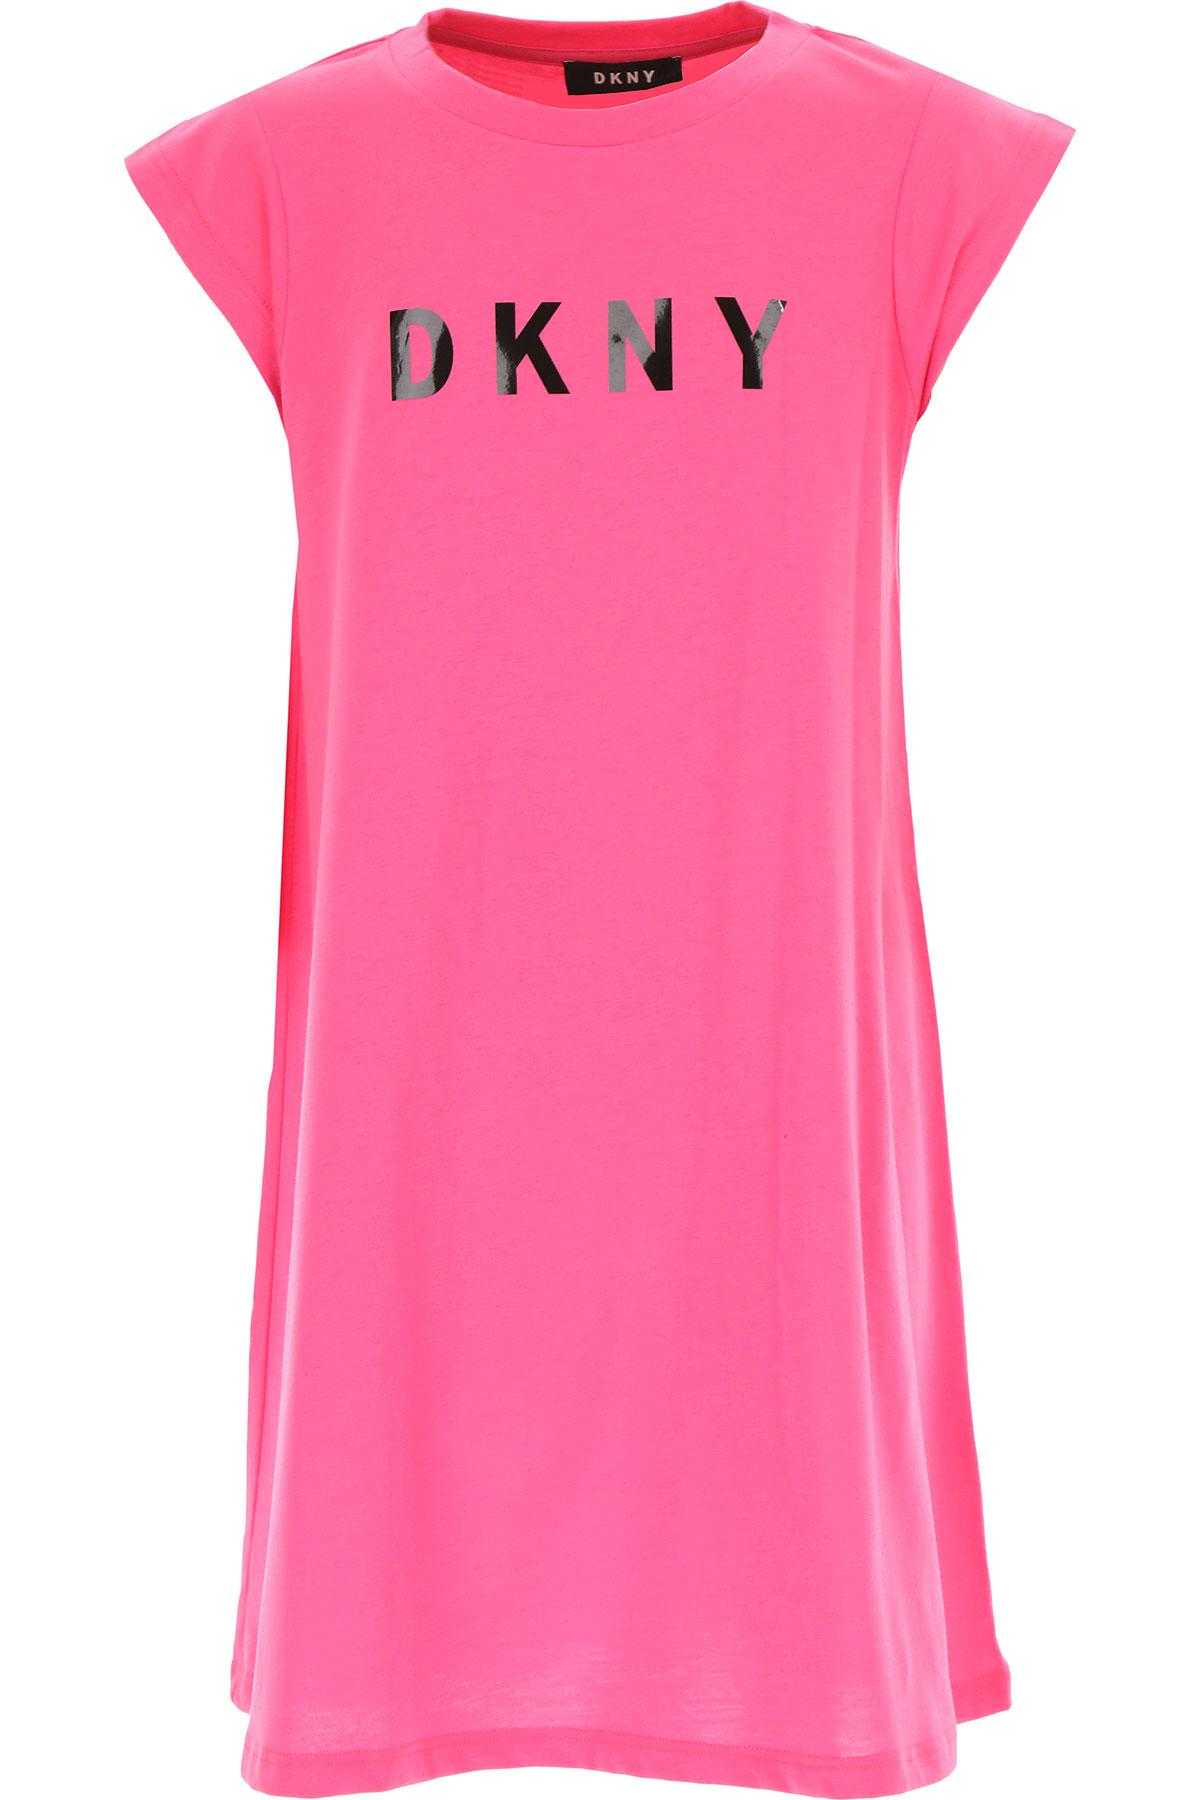 DKNY Girls Dress On Sale, Fuchsia, polyester, 2019, 10Y 12Y 16Y 6Y 8Y